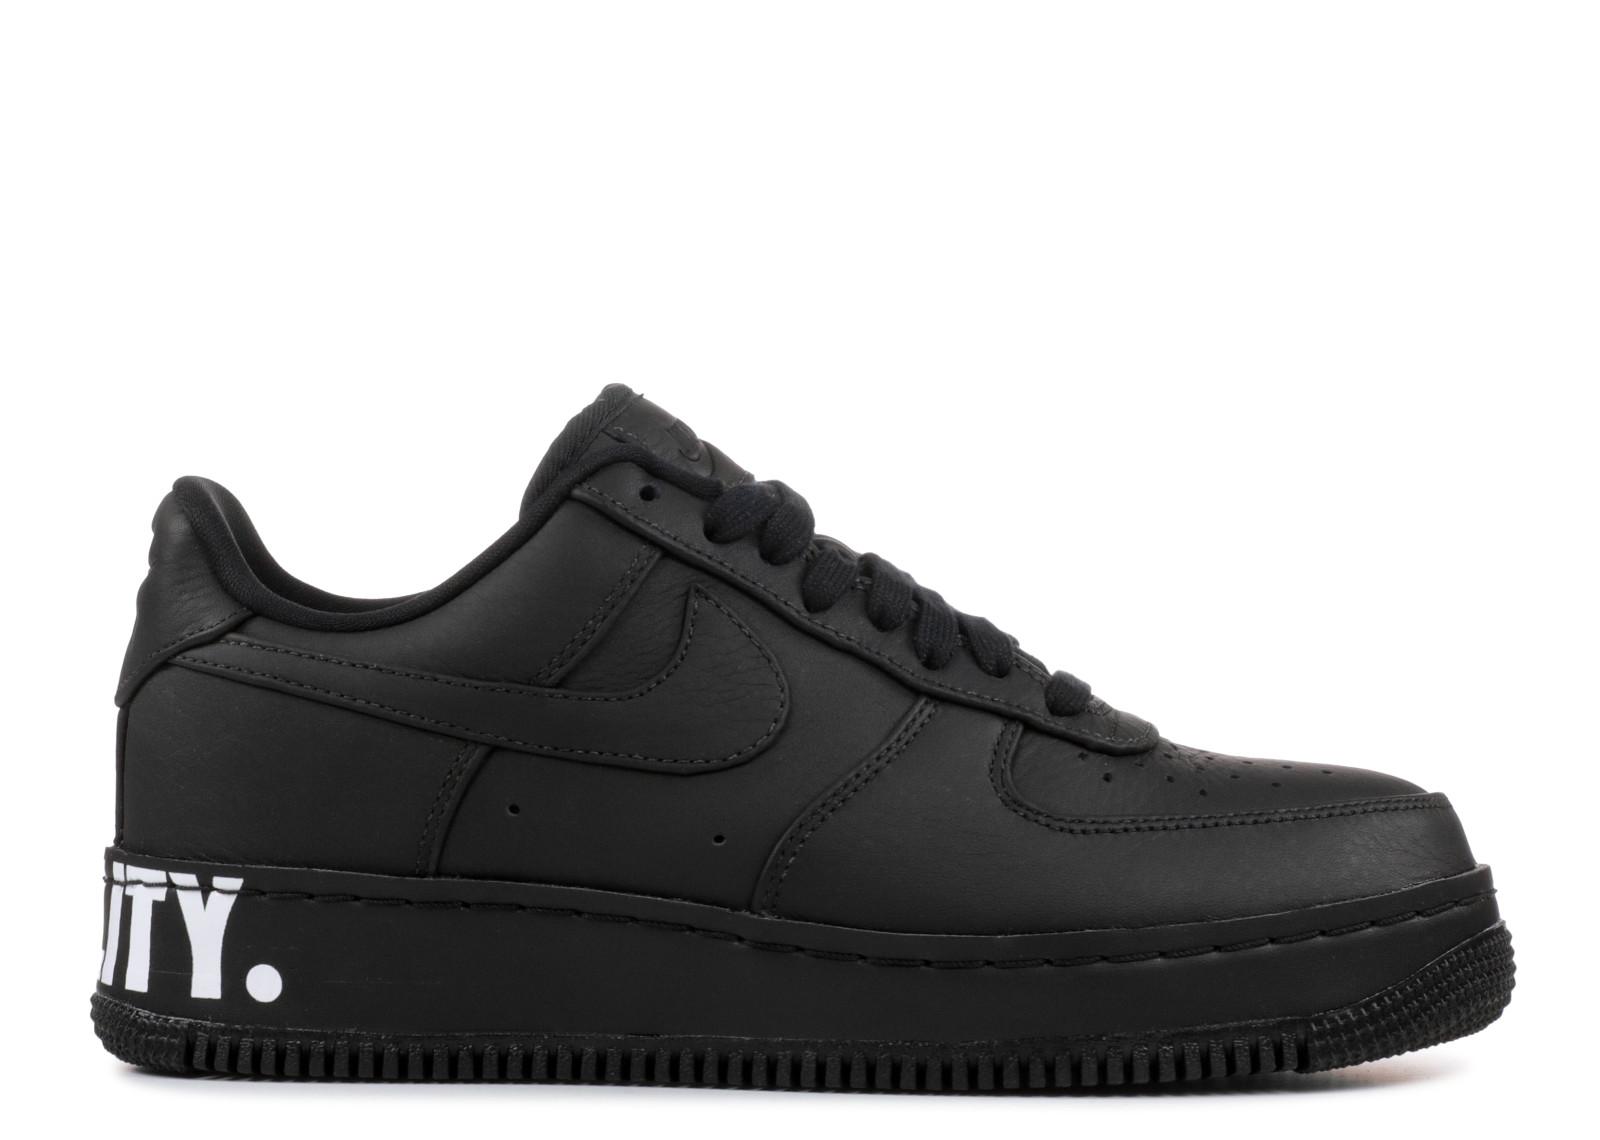 ナイキ エアー フォース メンズ 男性用 靴 スニーカー メンズ靴 【 NIKE AIR FORCE ONE CMFT EQUALITY QS BLACK BLACKWHITEGOLD 】